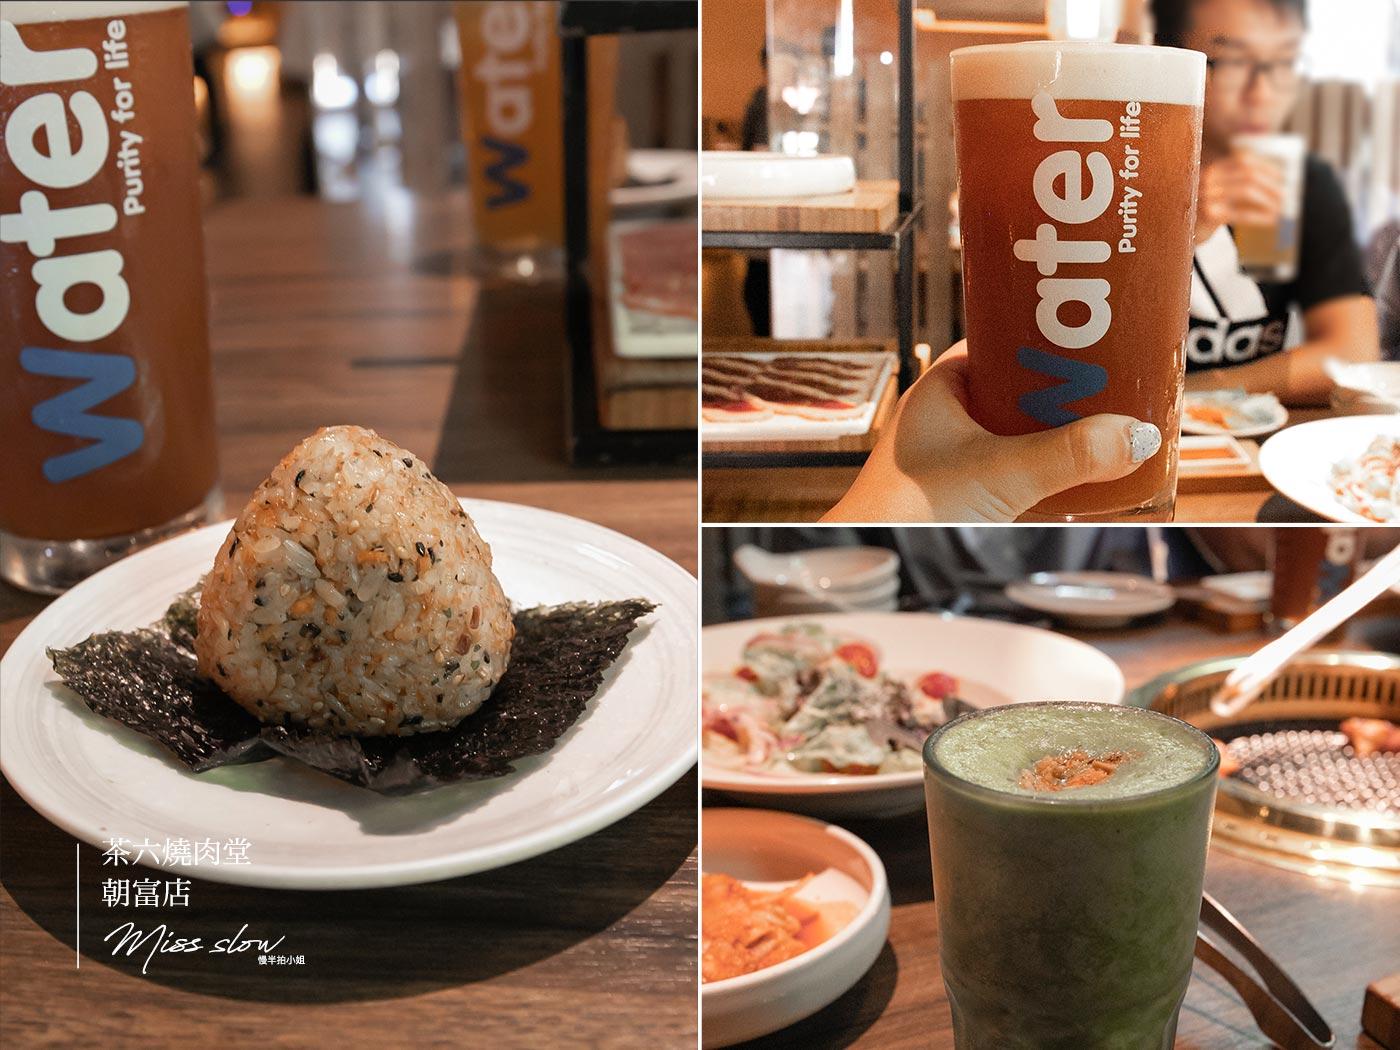 茶六朝富店 烤飯糰 綠色蔬果汁